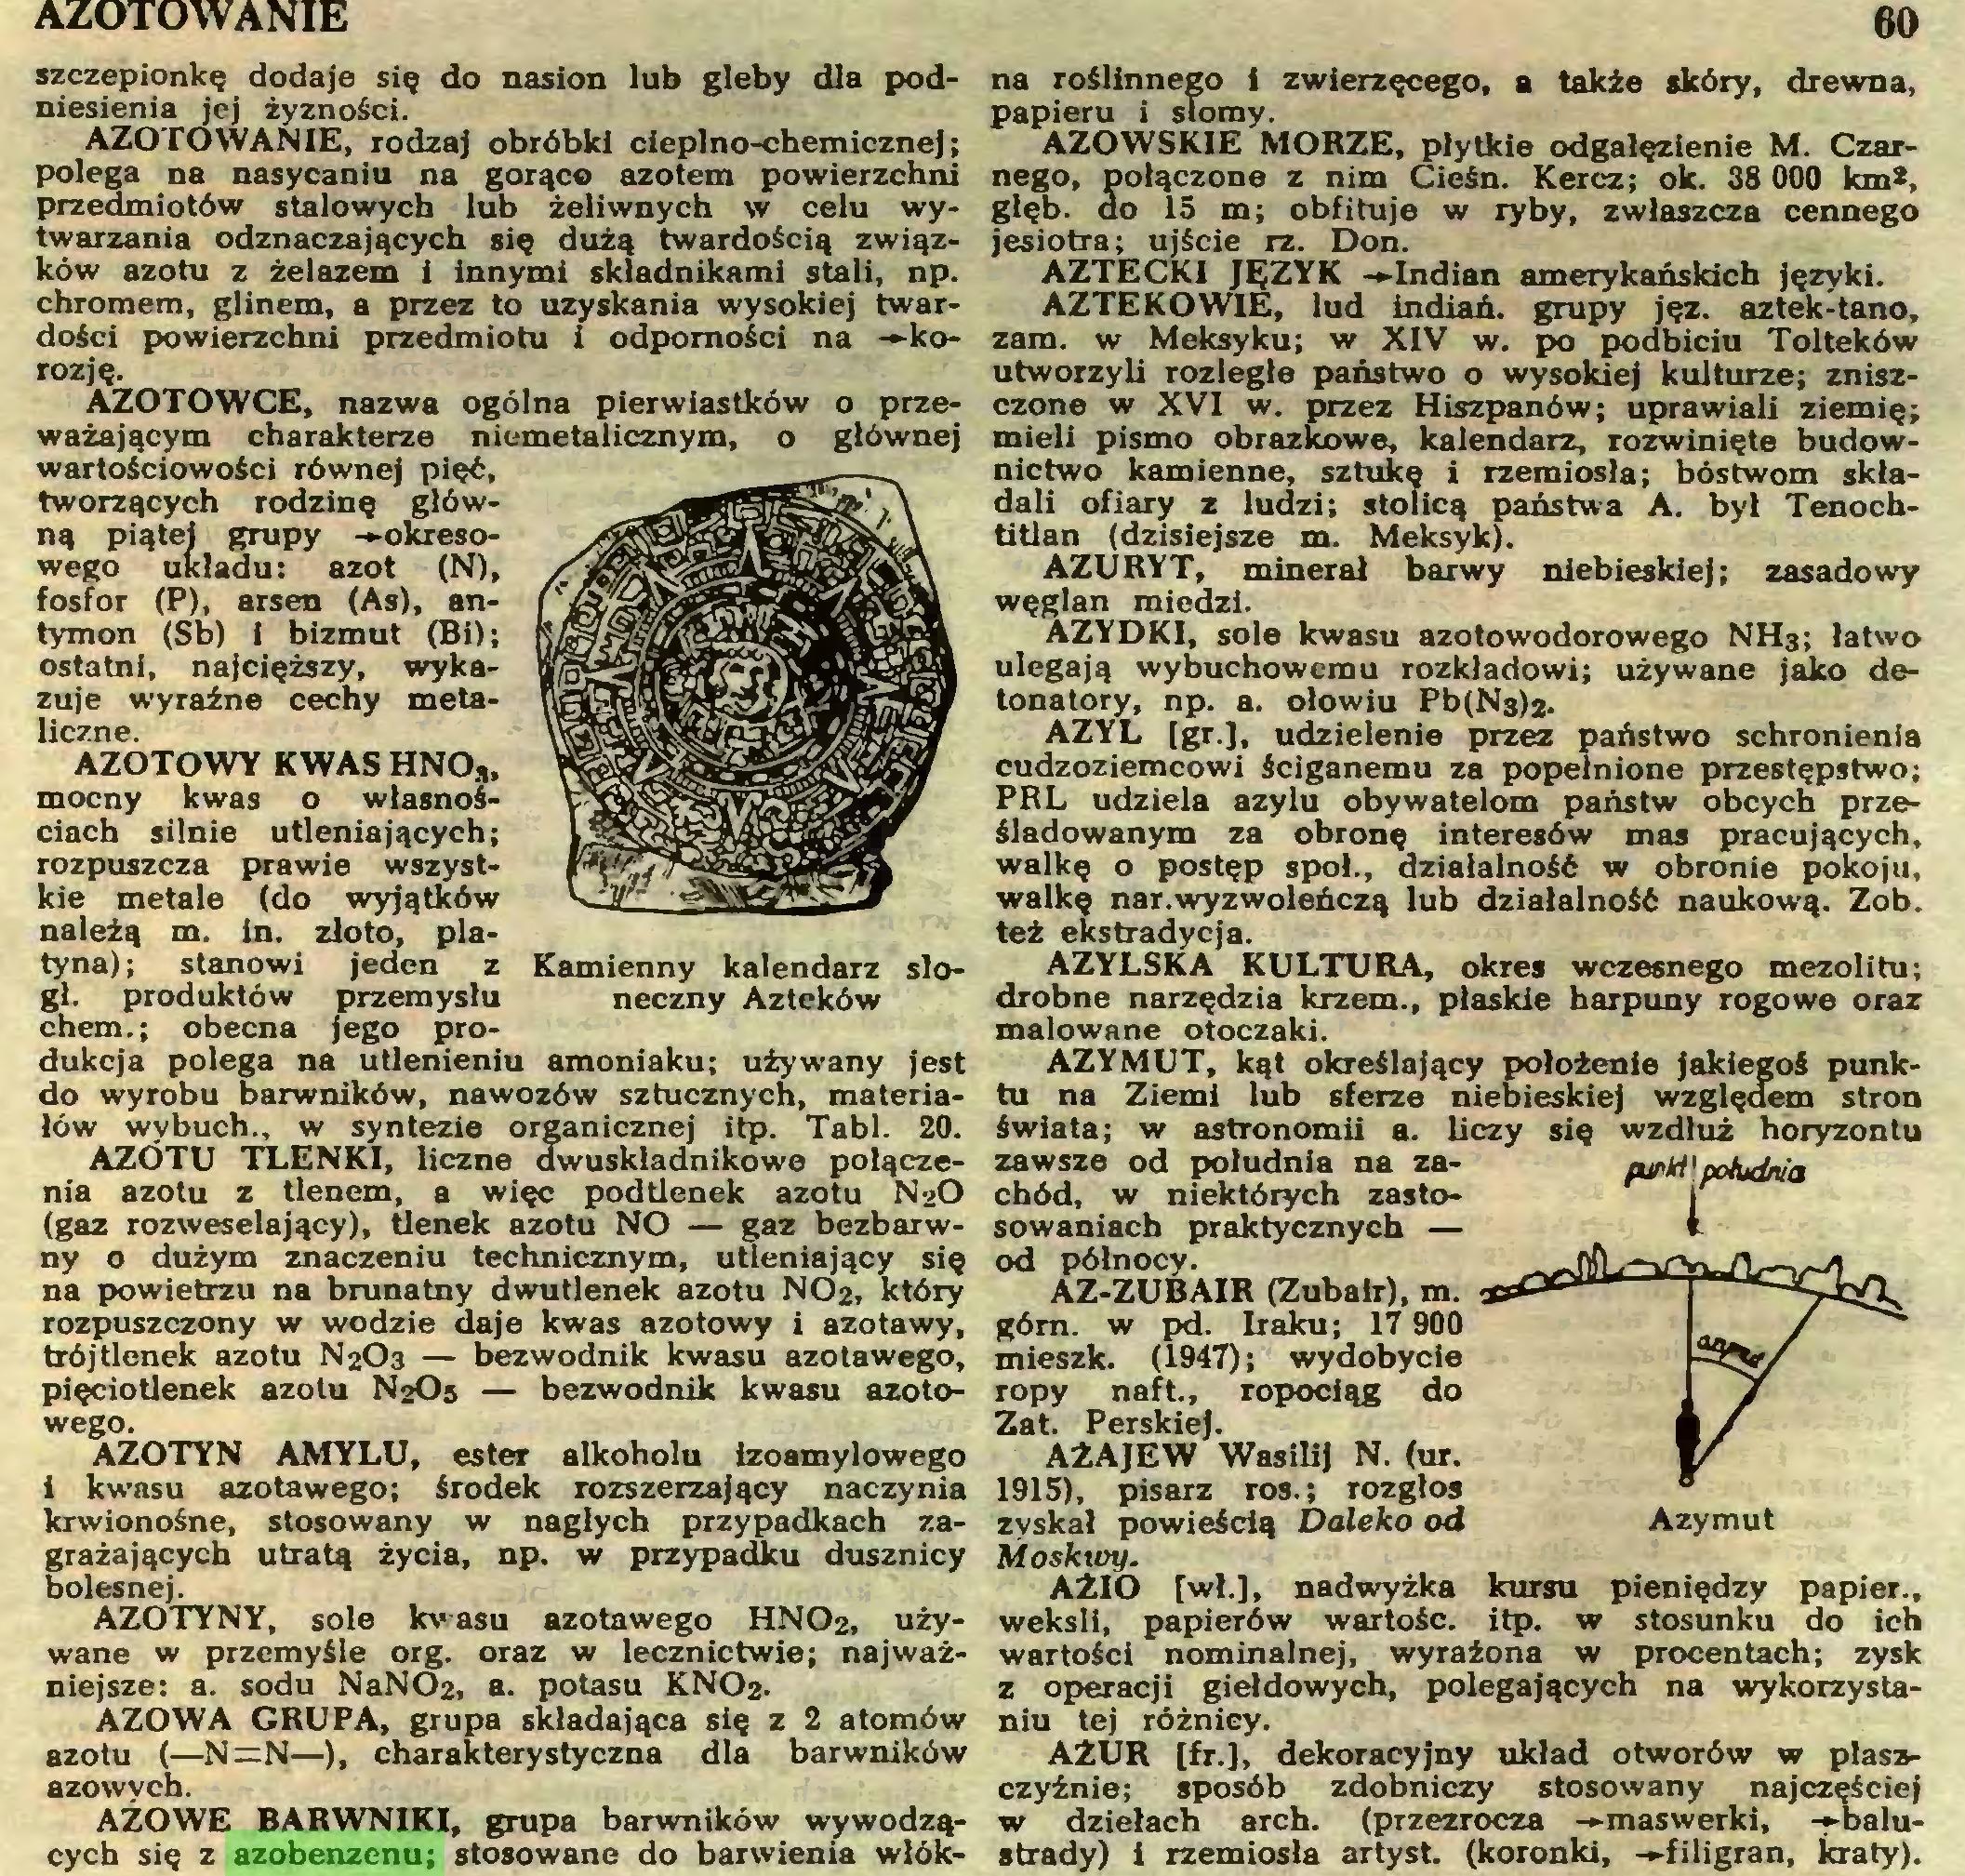 (...) AZOWA GRUPA, grupa składająca się z 2 atomów azotu (—N=N—), charakterystyczna dla barwników azowych. AŻOWE BARWNIKI, grupa barwników wywodzących się z azobenzenu; stosowane do barwienia wlók- 60 na roślinnego i zwierzęcego, a także skóry, drewna, papieru i słomy...